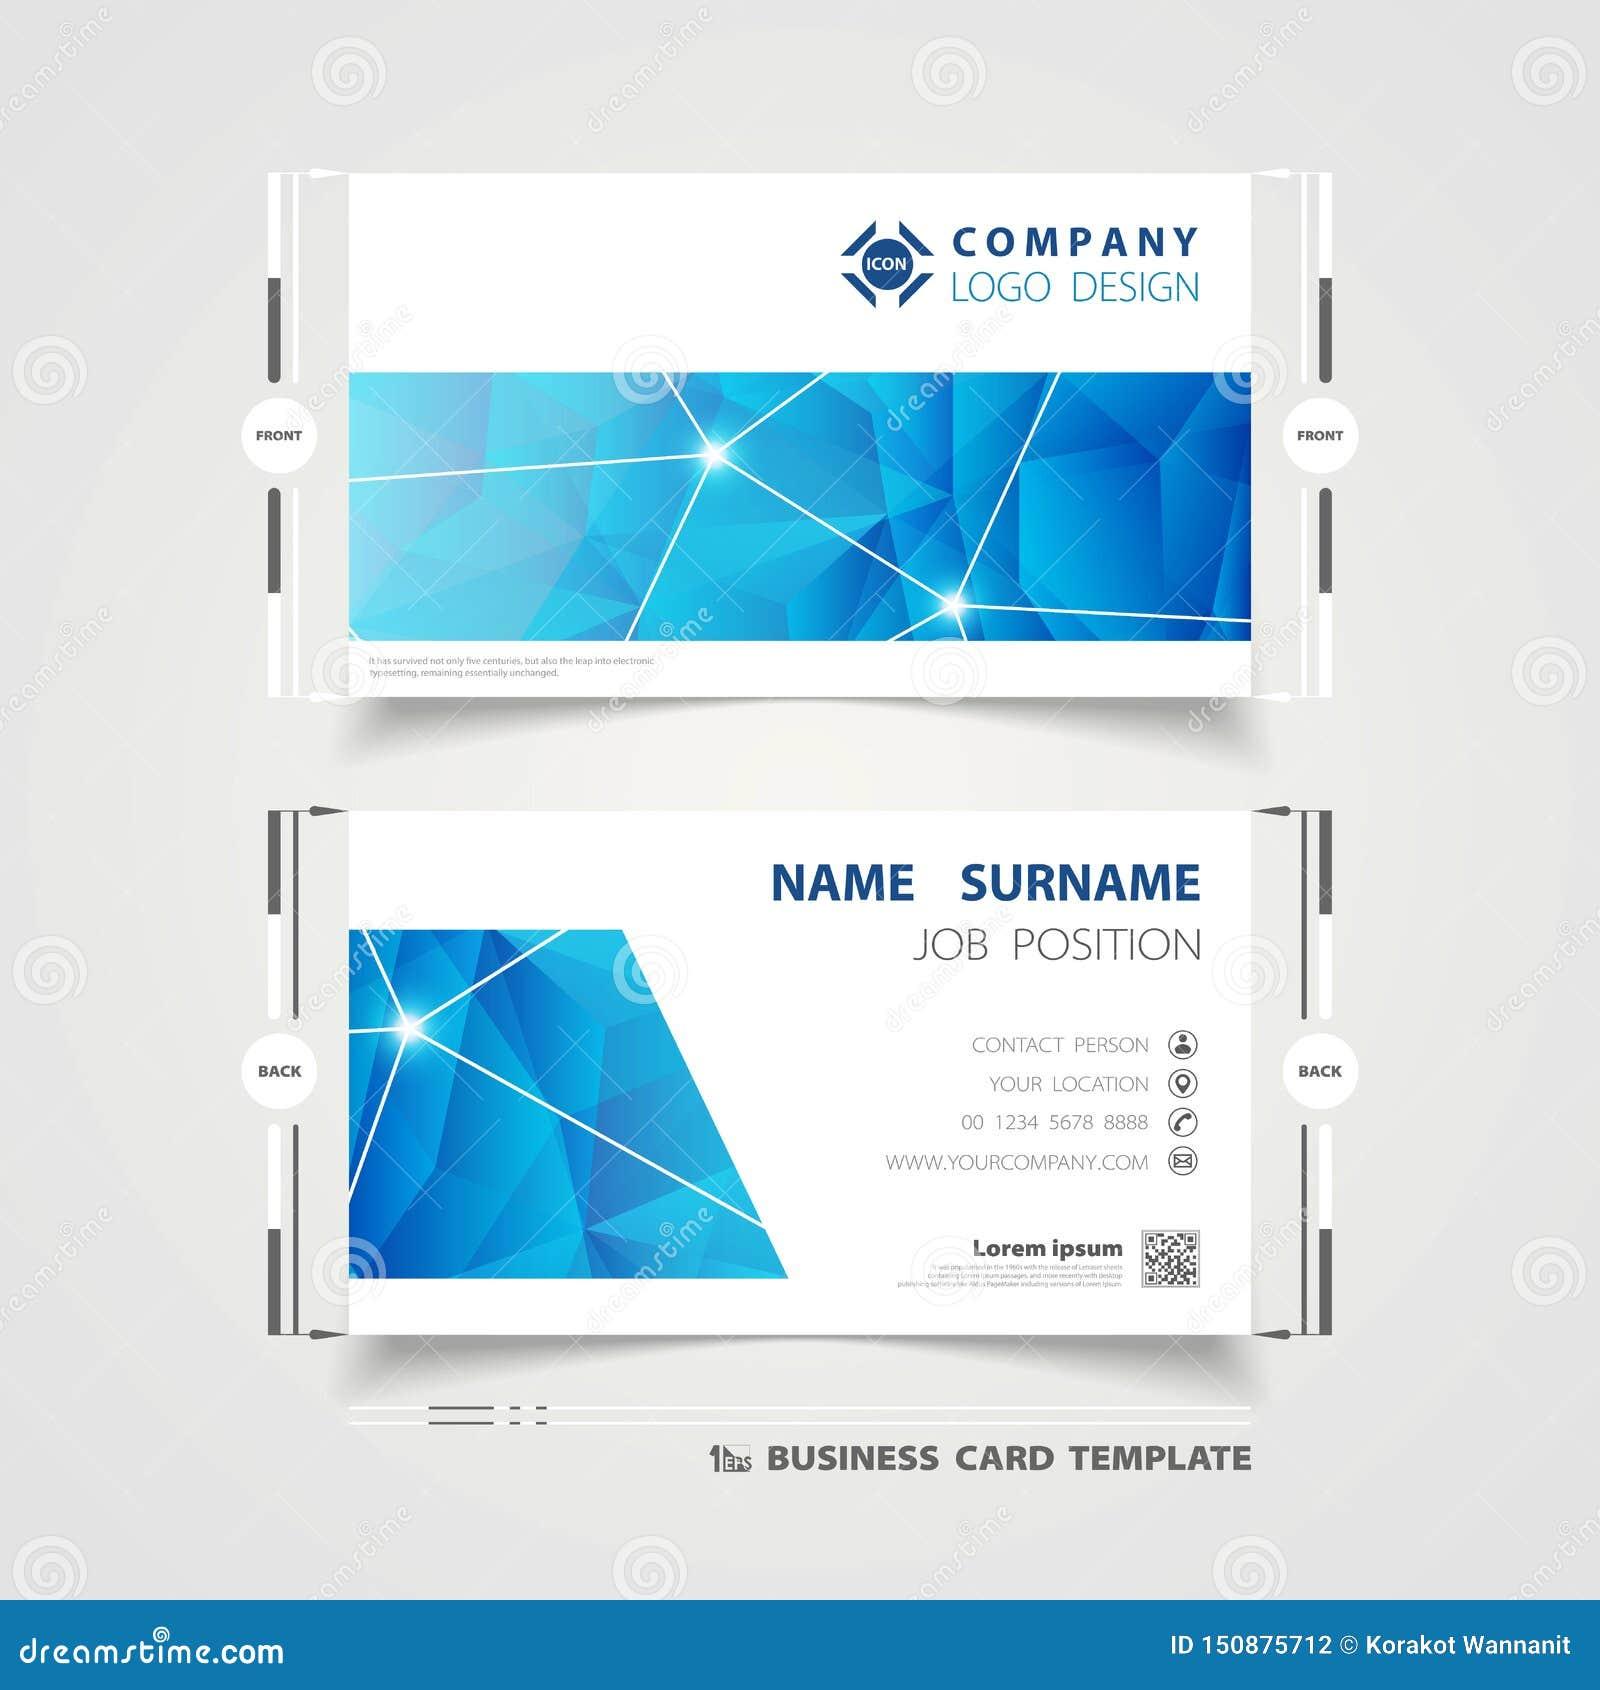 Diseño azul corporativo de la plantilla de la tarjeta de presentación de la tecnología del extracto para el negocio Vector eps10